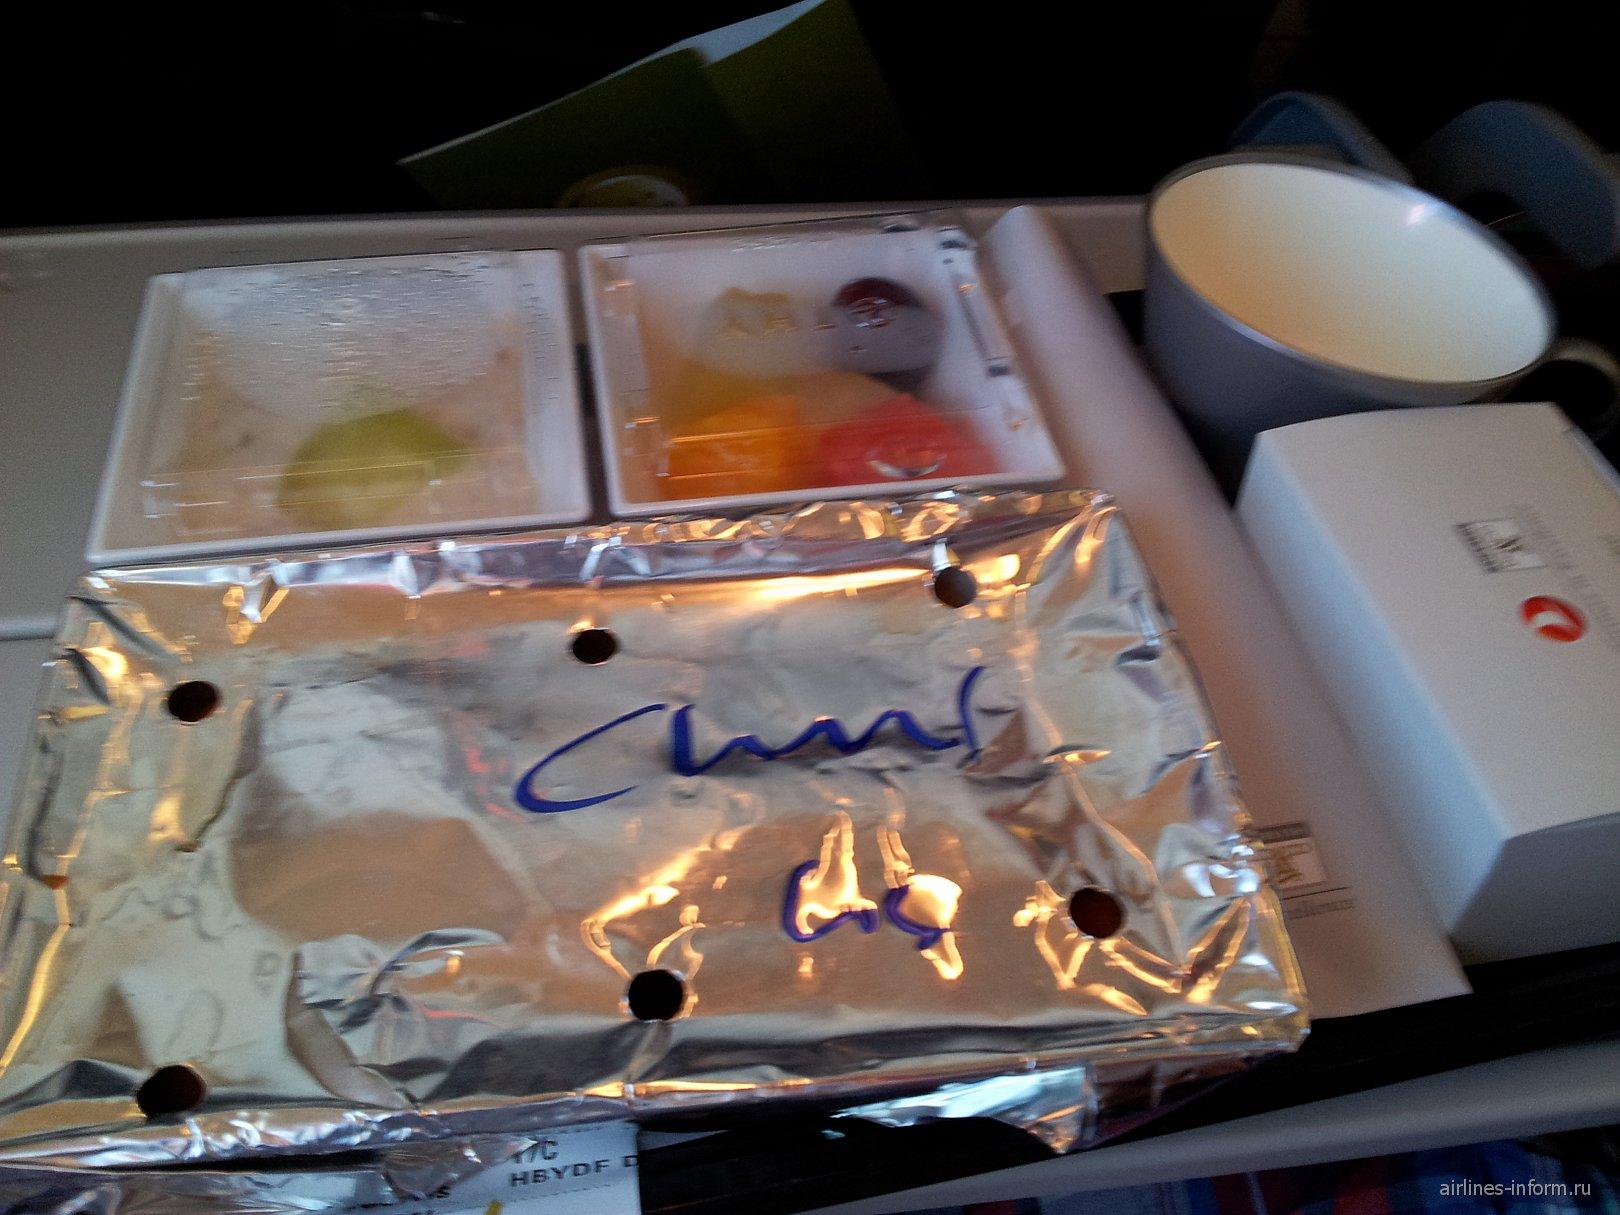 Питание на рейсе Алматы-Стамбул Турецких авиалиний